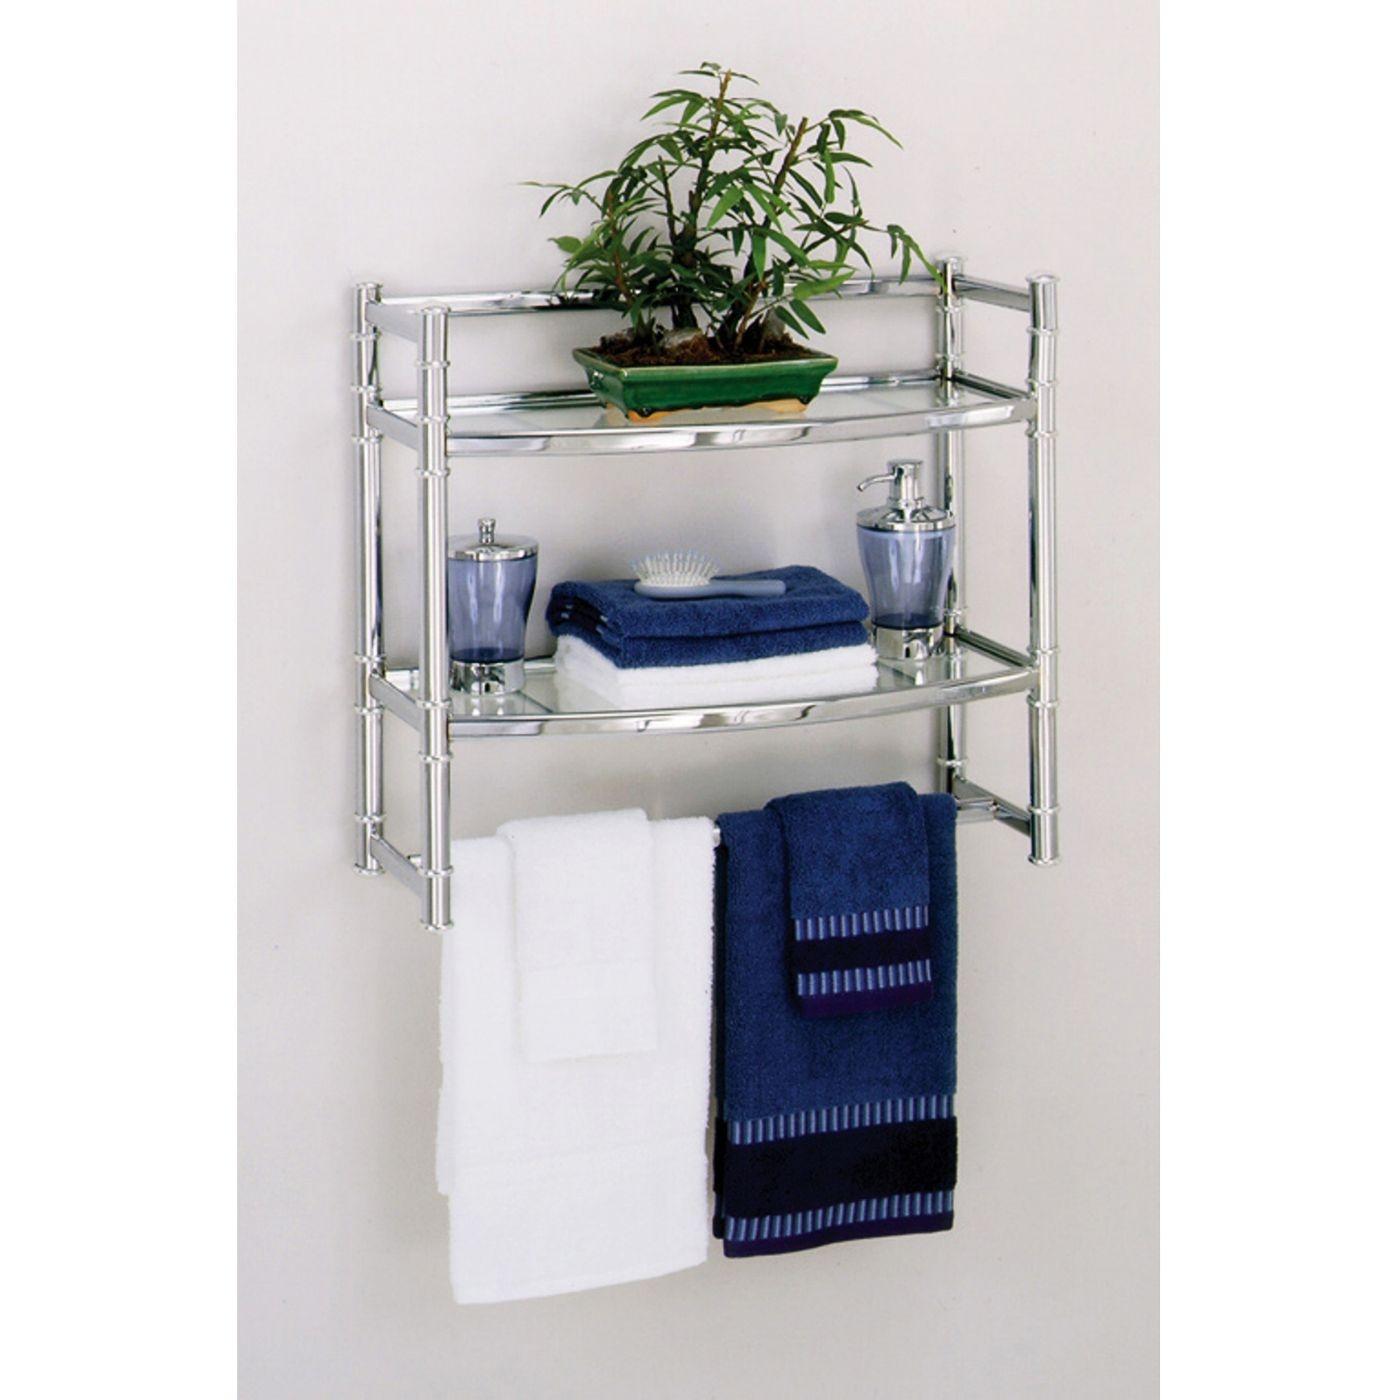 Zenith Wall Shelf With 2 Glass Shelves Chrome Finish 11street Malaysia Bathroom Storage